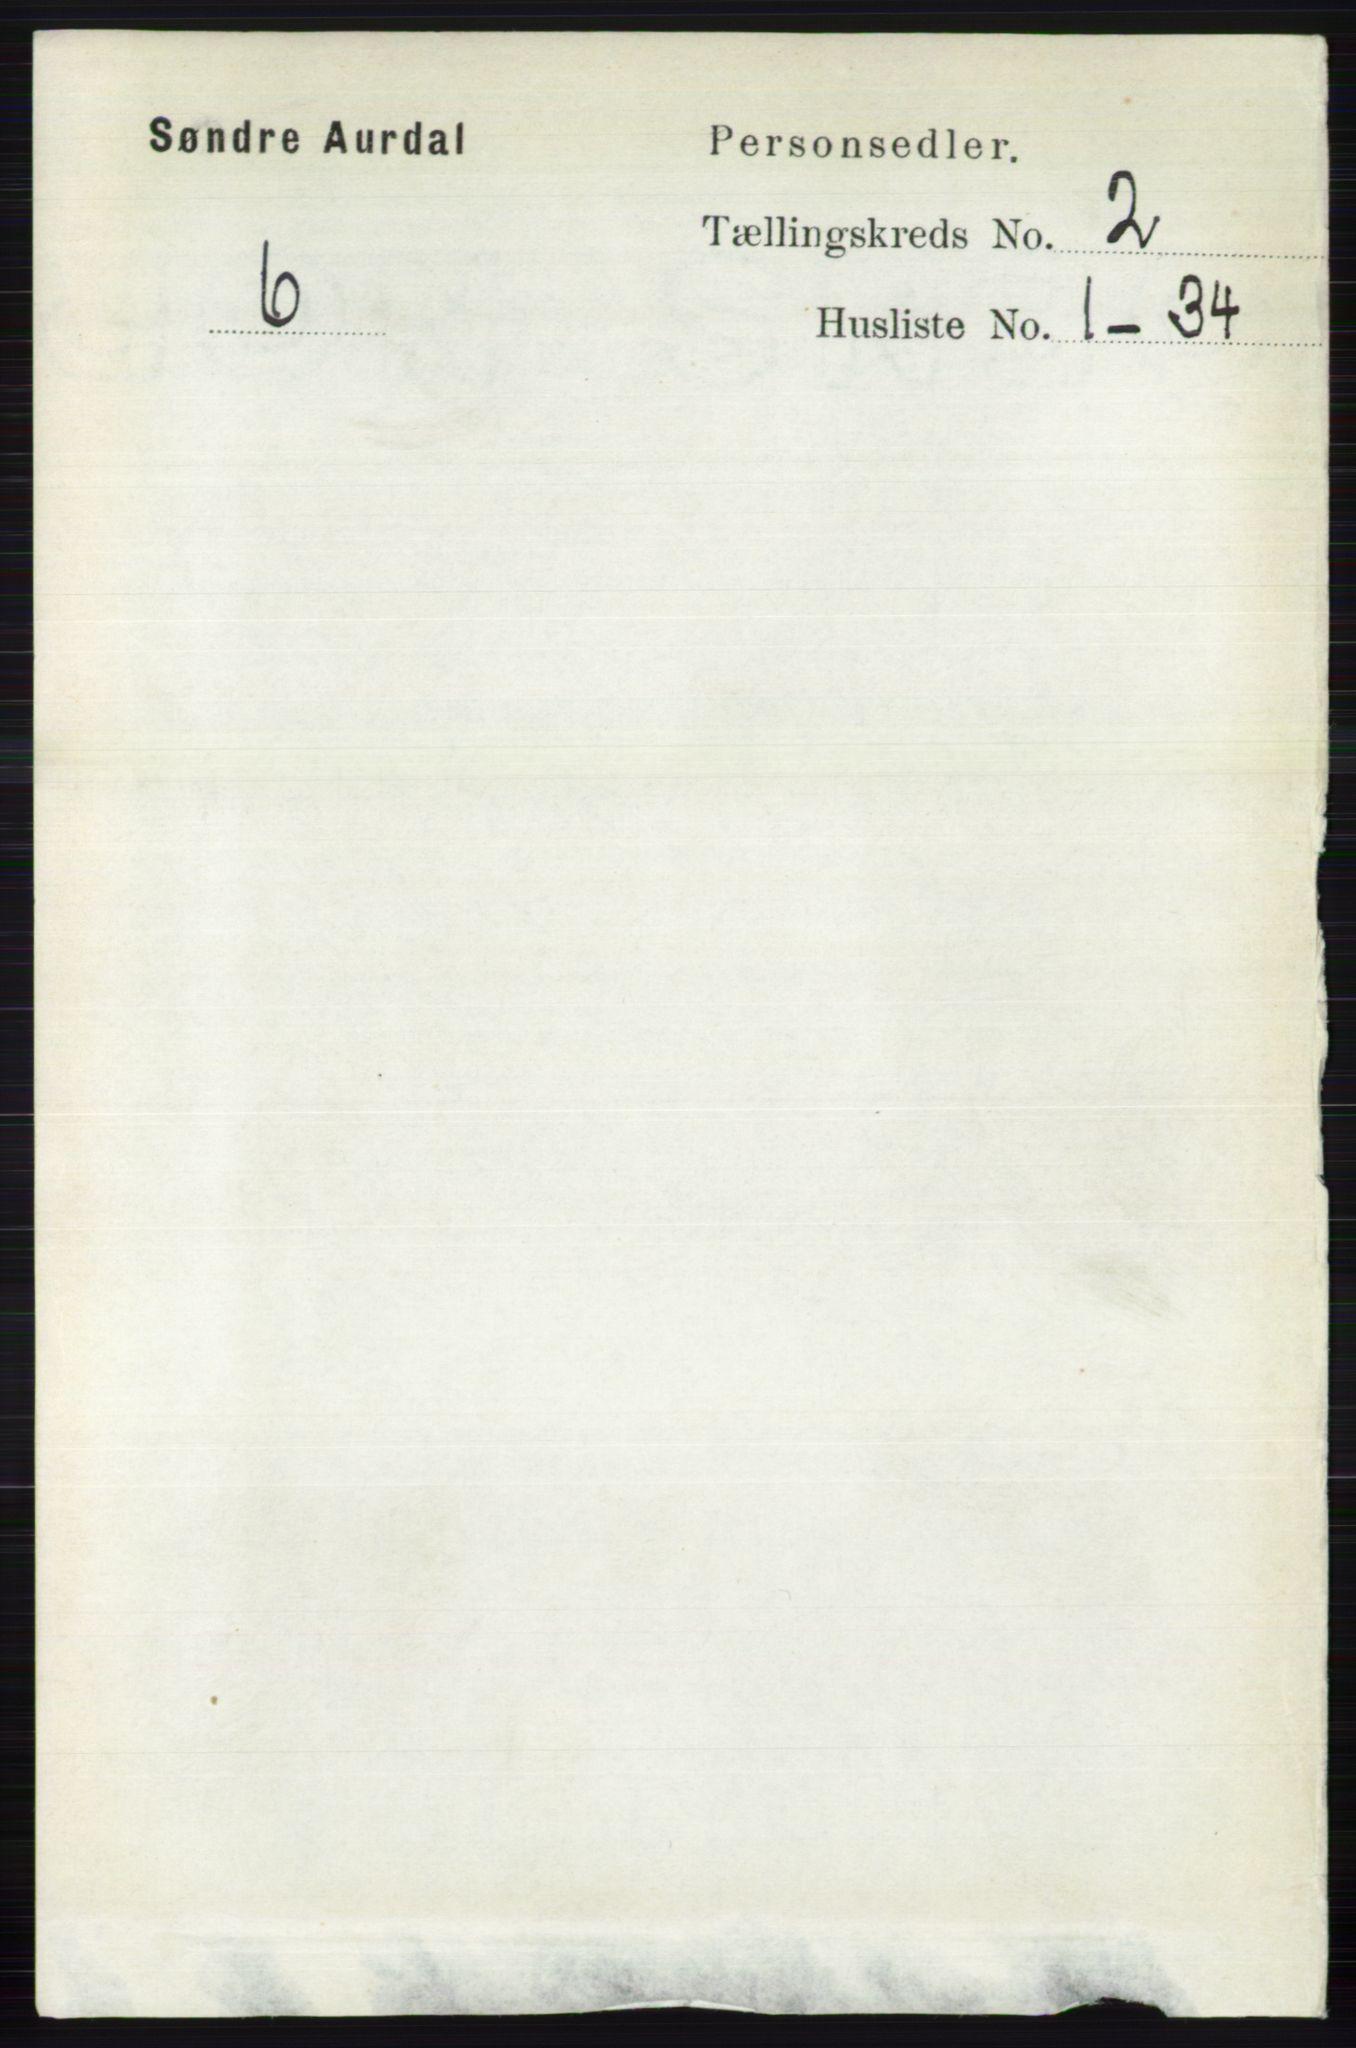 RA, Folketelling 1891 for 0540 Sør-Aurdal herred, 1891, s. 831